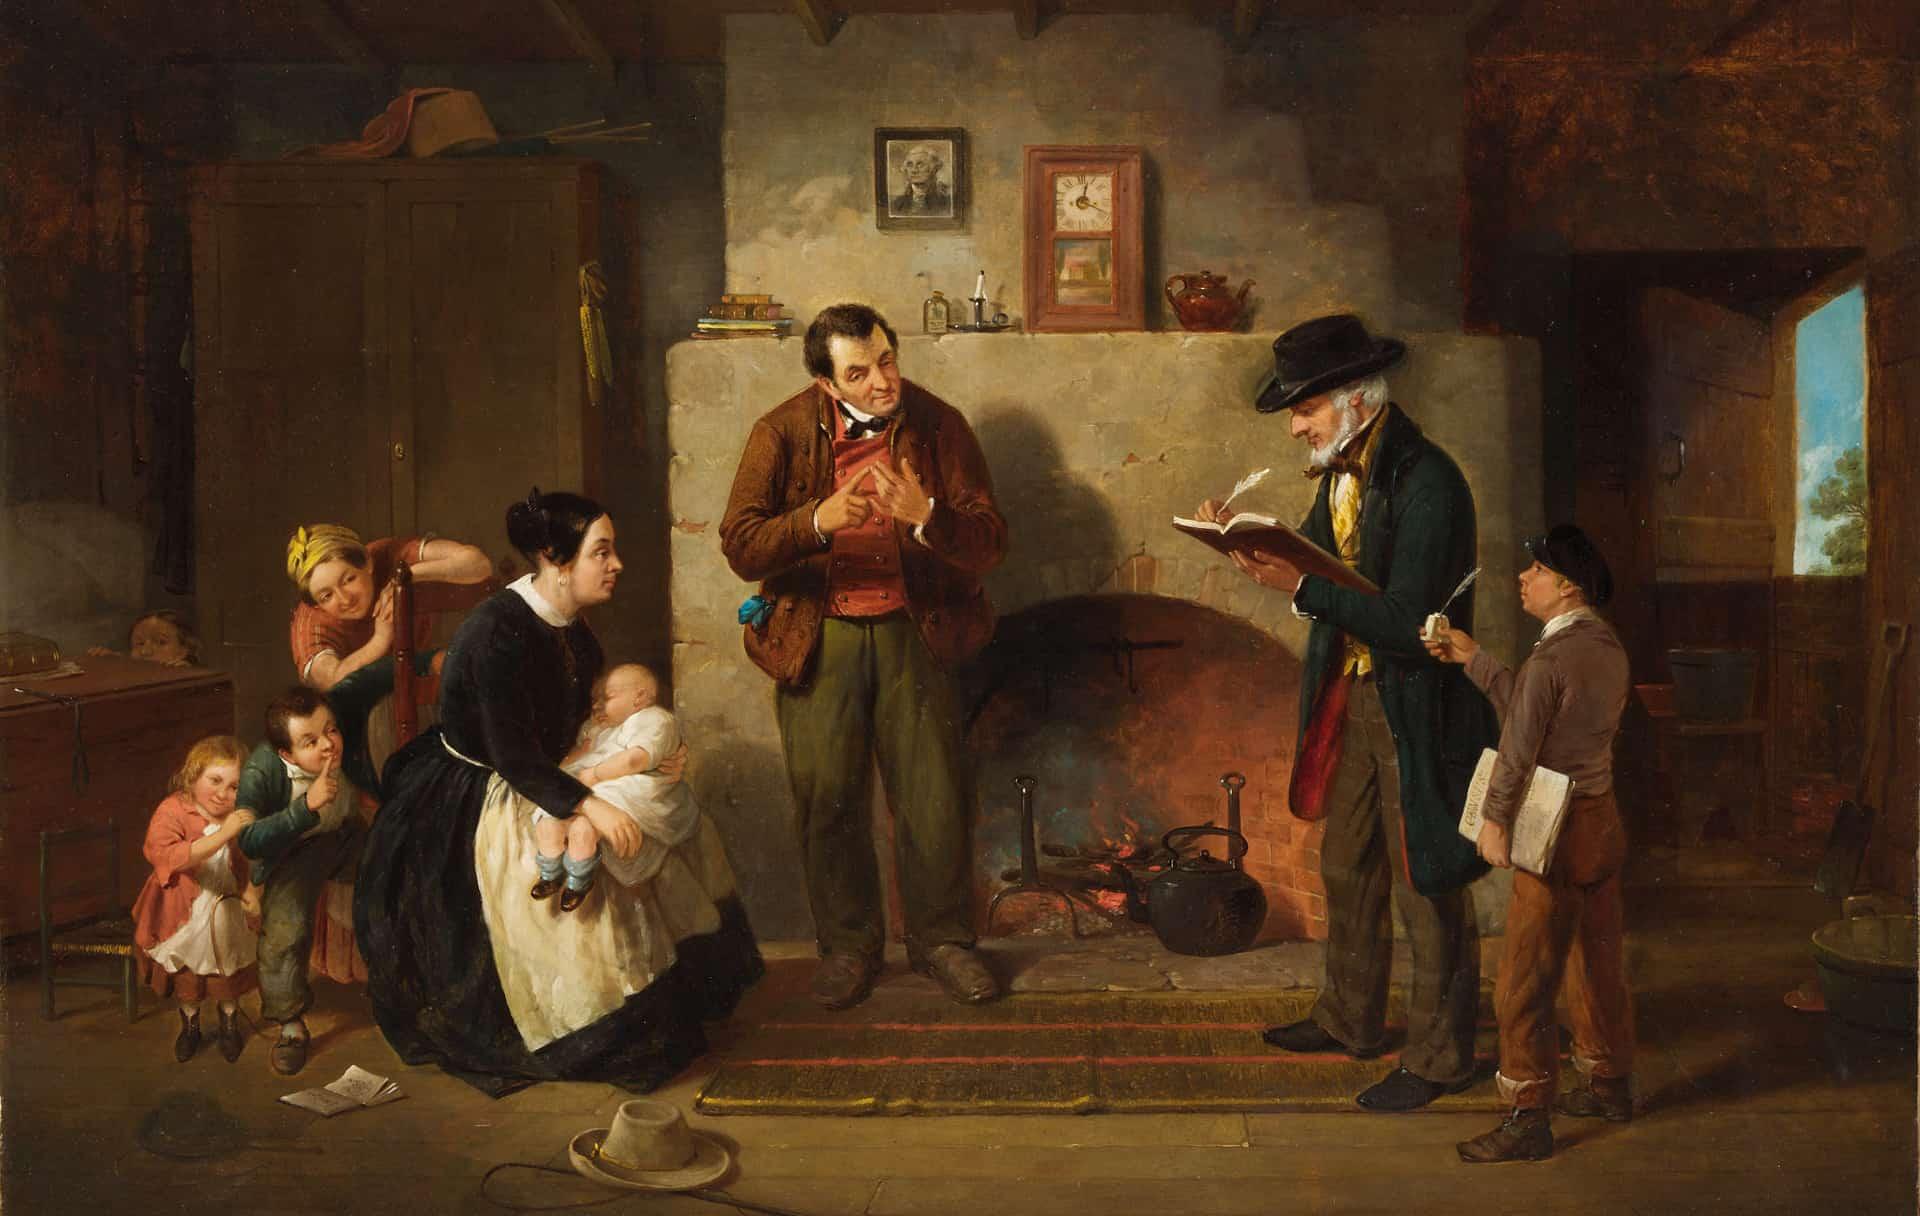 Auch die Vereinigten Staaten zählten ab 1790 ihre Bürger*innen. Bei der siebten Volkszählung hatte das Familienoberhaupt auch Auskunft über seine Nachfahren zu geben (Bild: Edmonds, Francis William. 1854. Taking the Census. Metropolitan Museum of Art).